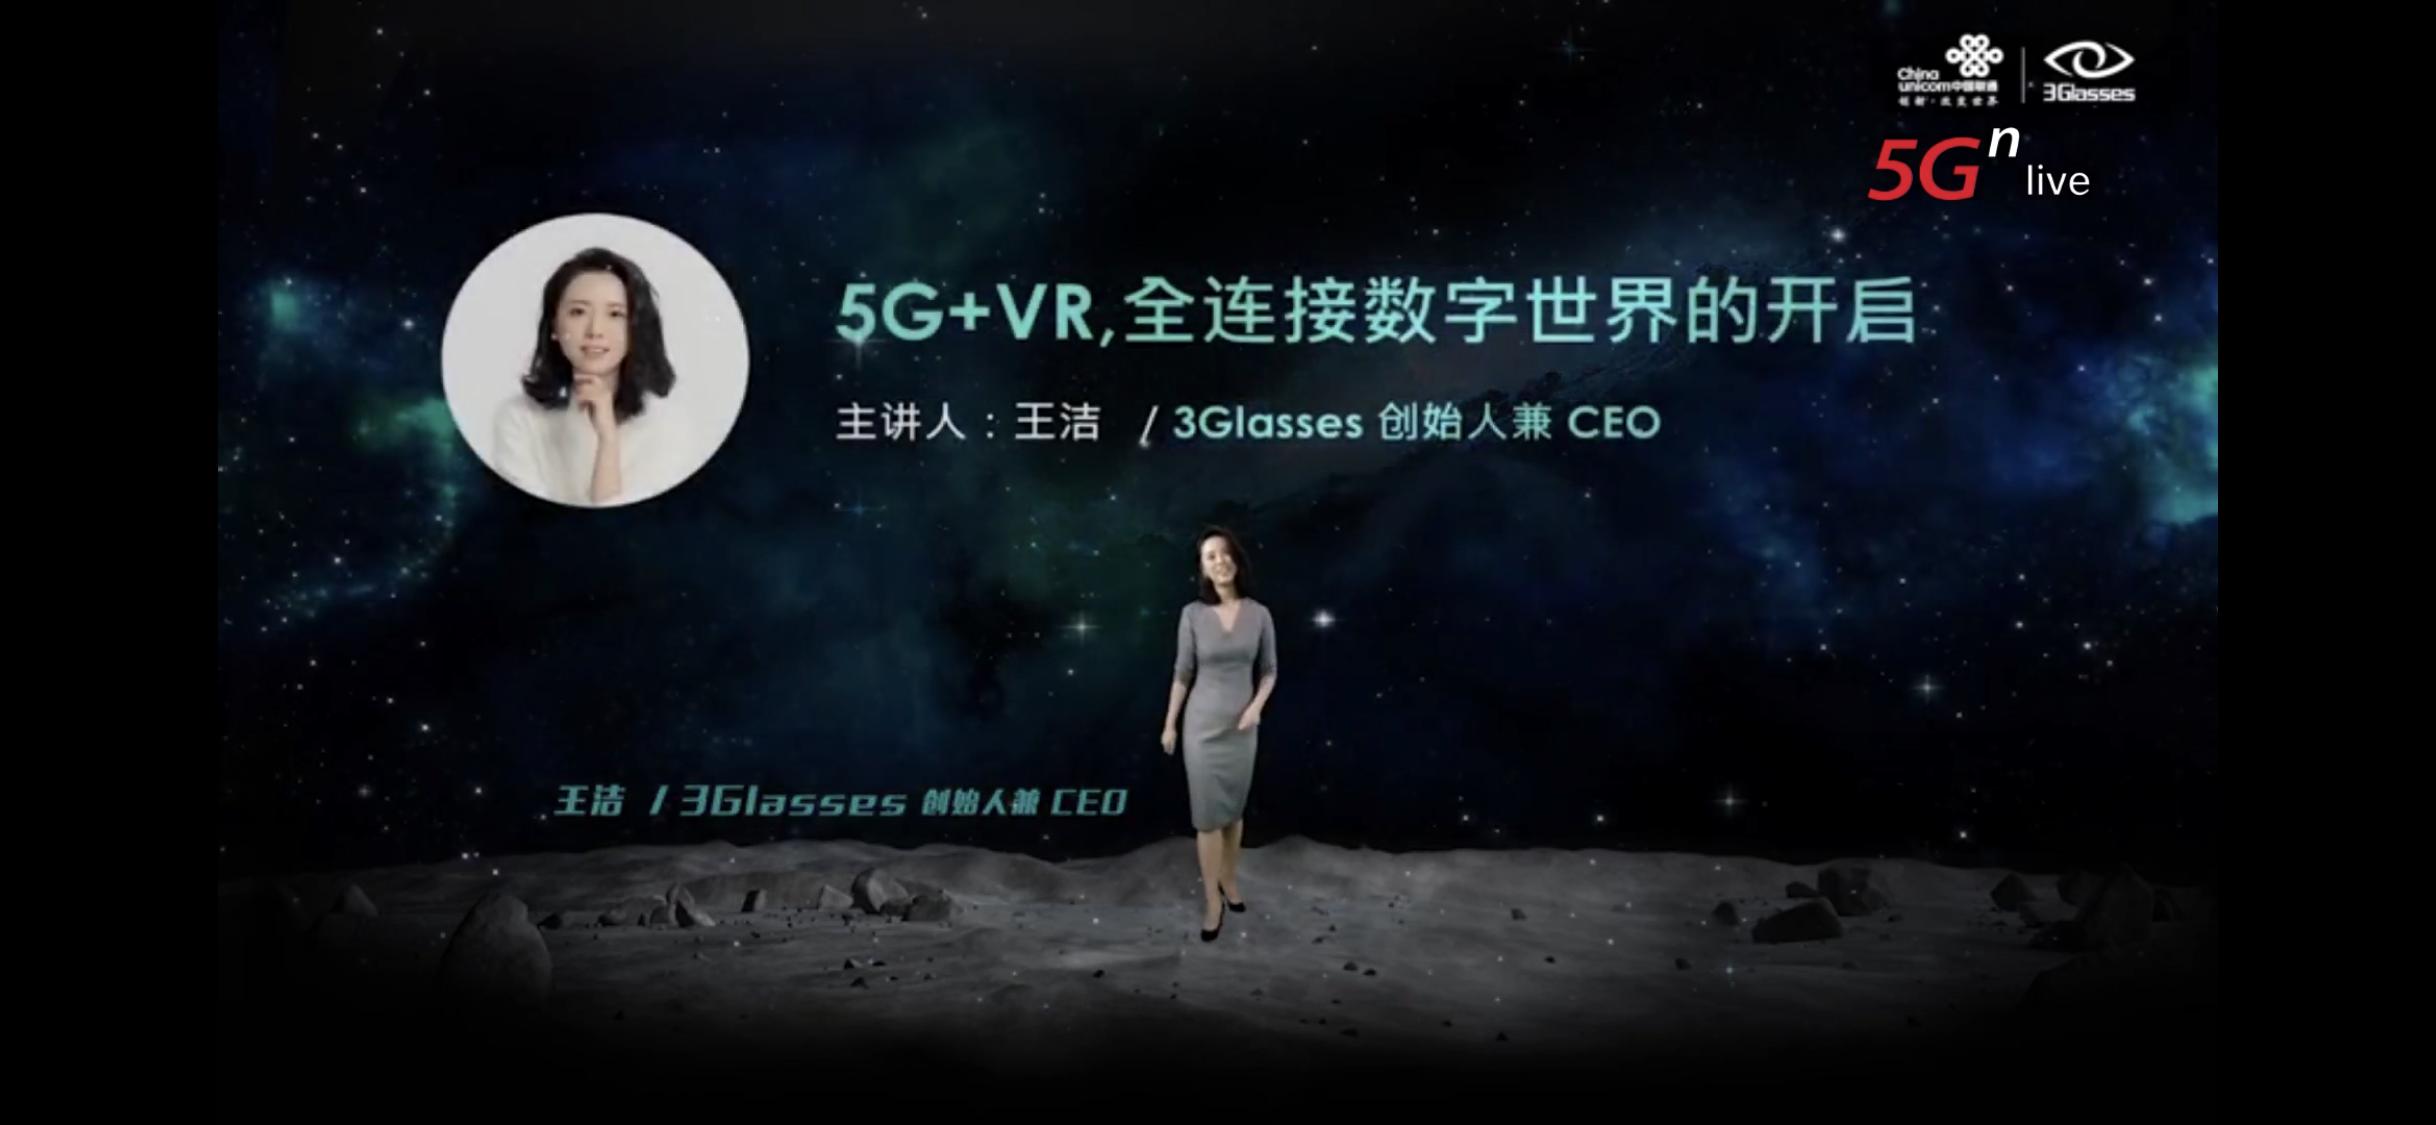 硬件、内容、渠道三管齐下,中国联通与3Glasses全面合作